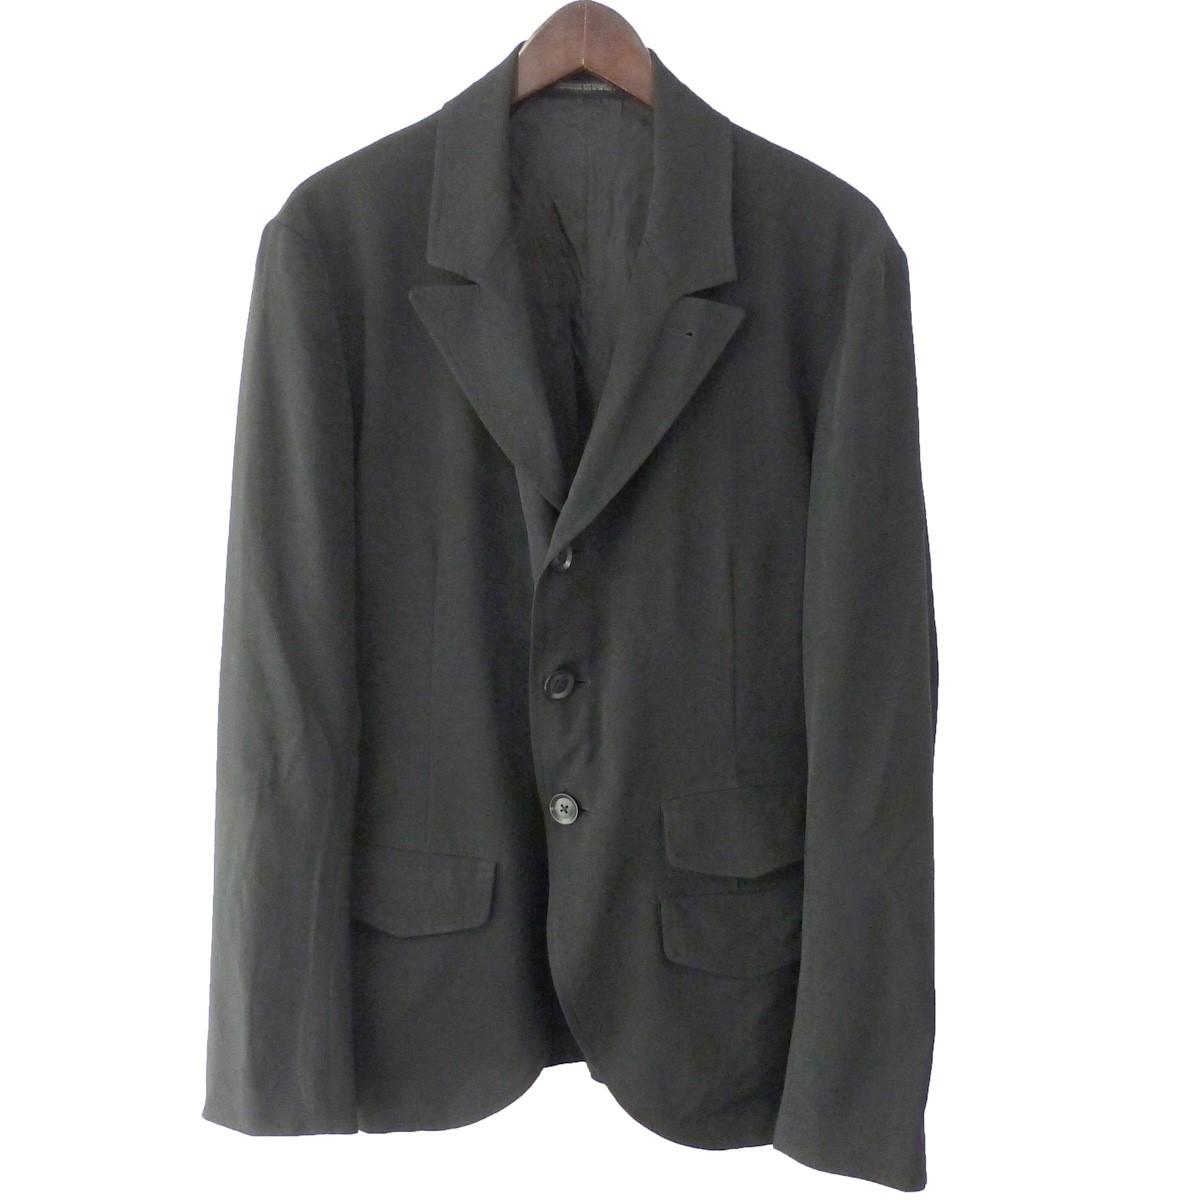 【中古】YOHJI YAMAMOTO pour homme 19SS クレープジャケット ブラック サイズ:2 【210919】(ヨウジヤマモトプールオム)